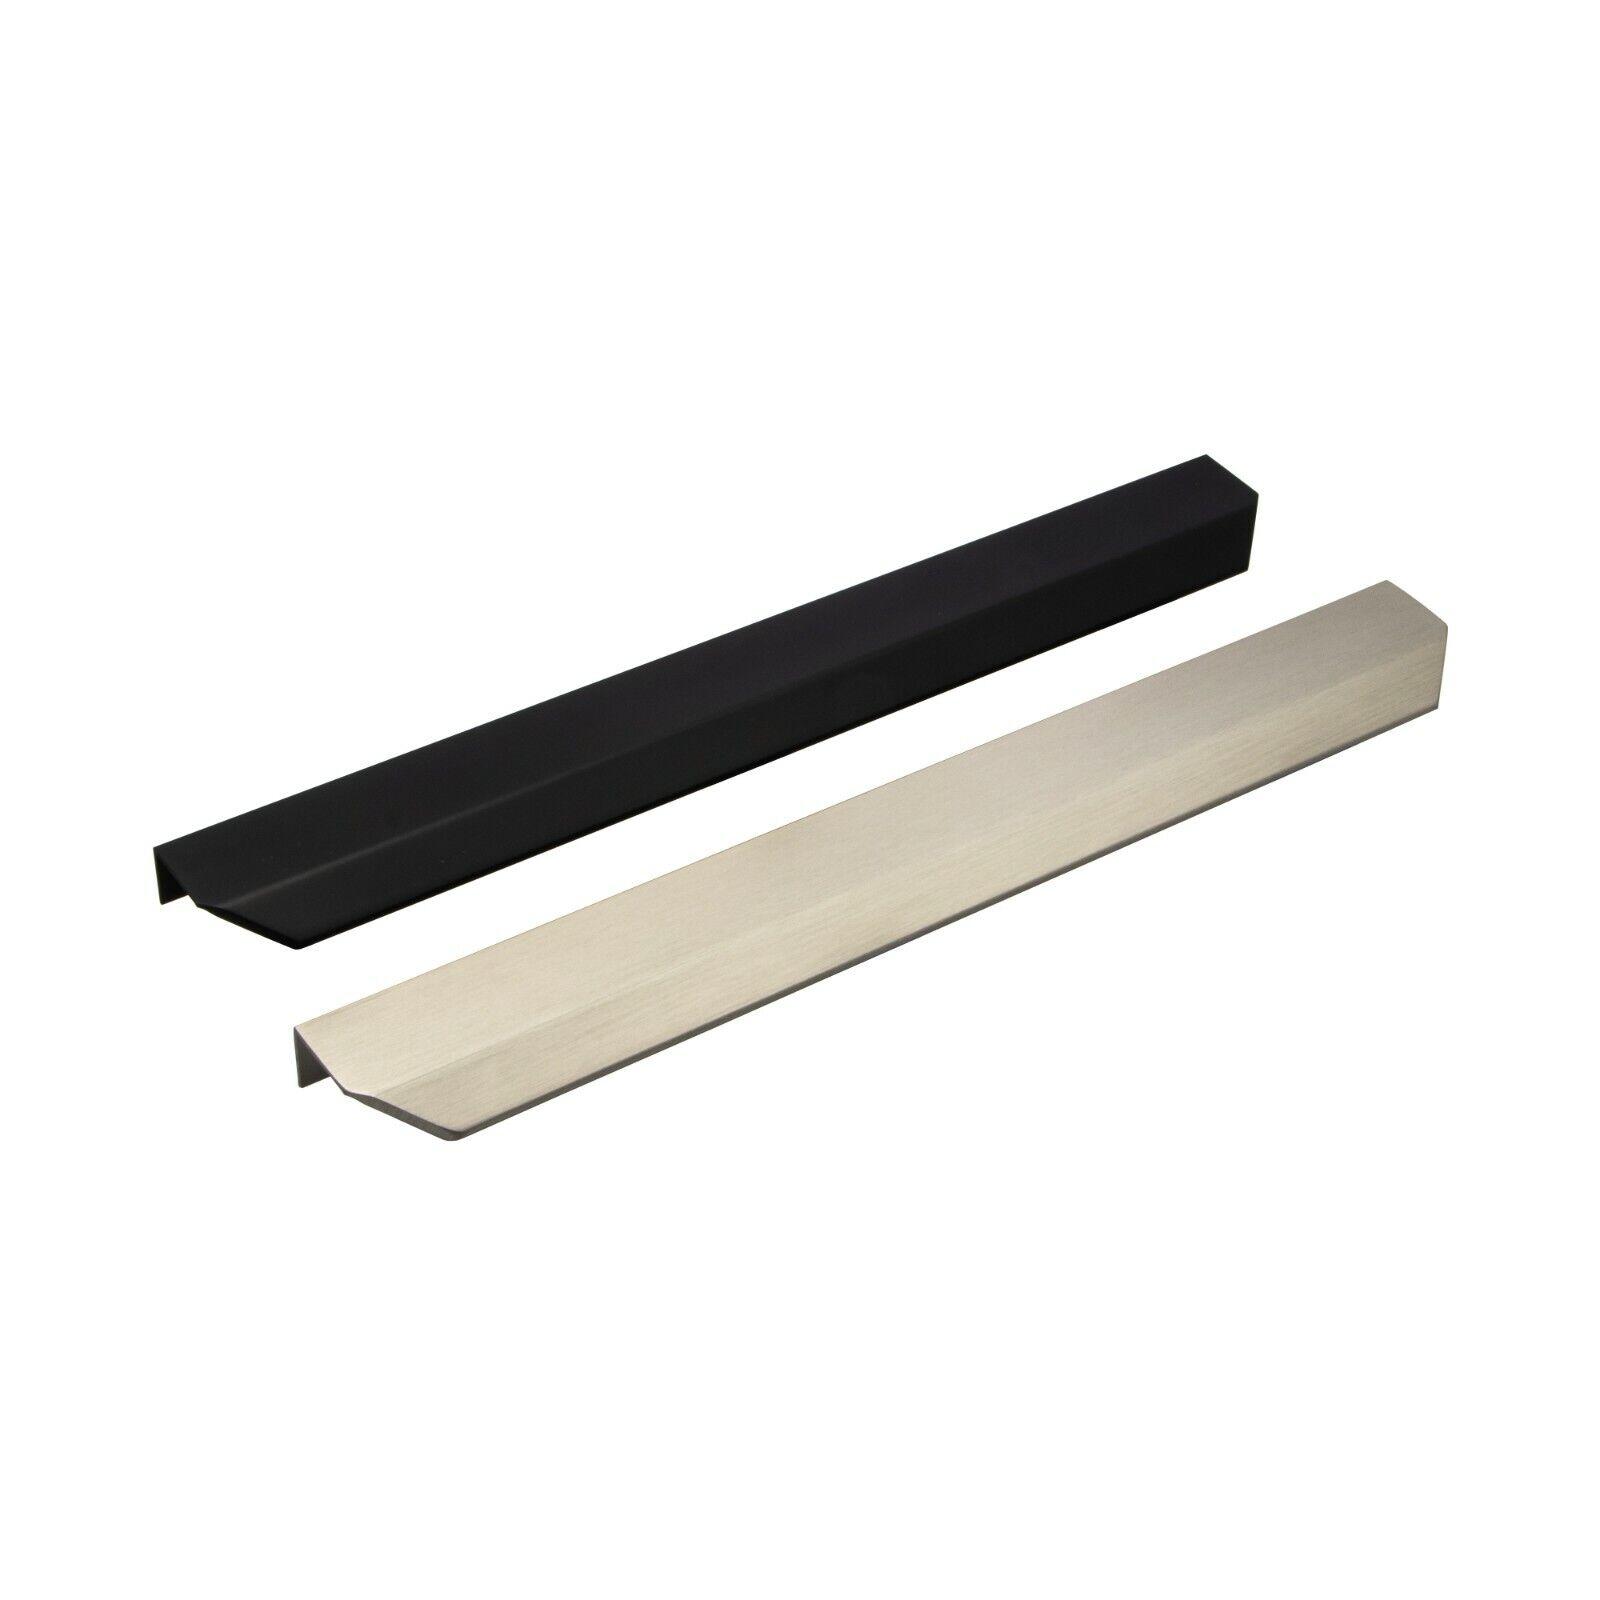 Möbelgriff Griffleiste Griff-Profil schwarz Küchengriff H10308 Schubladengriff